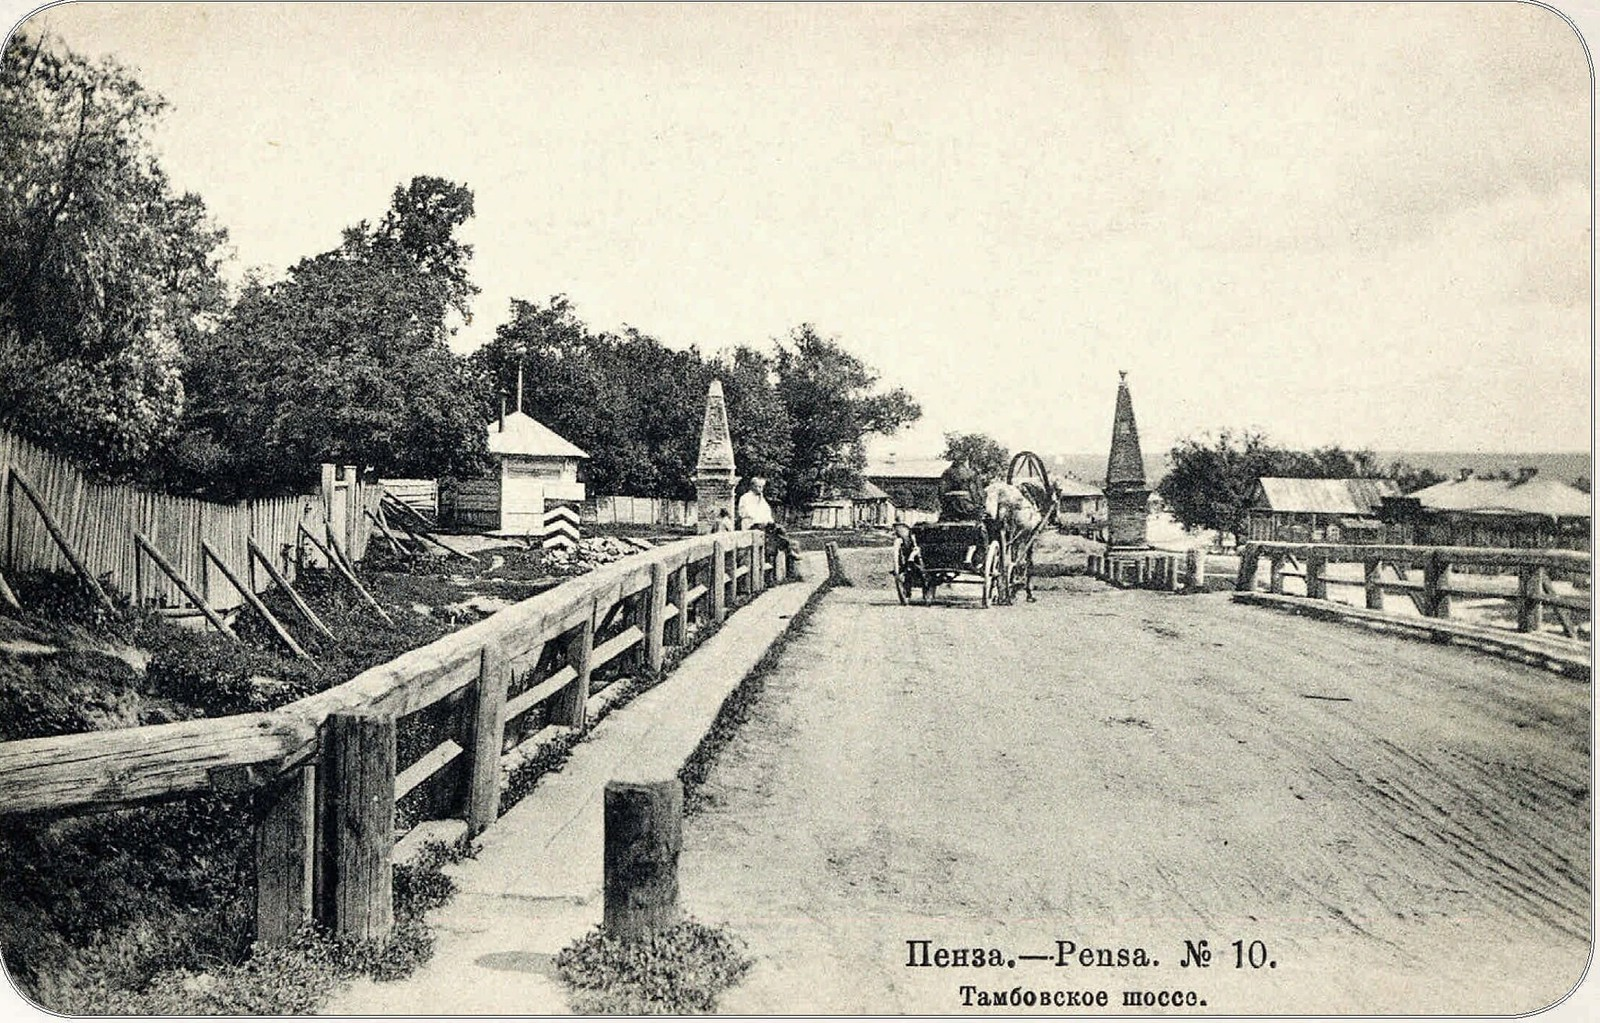 20. Тамбовское шоссе